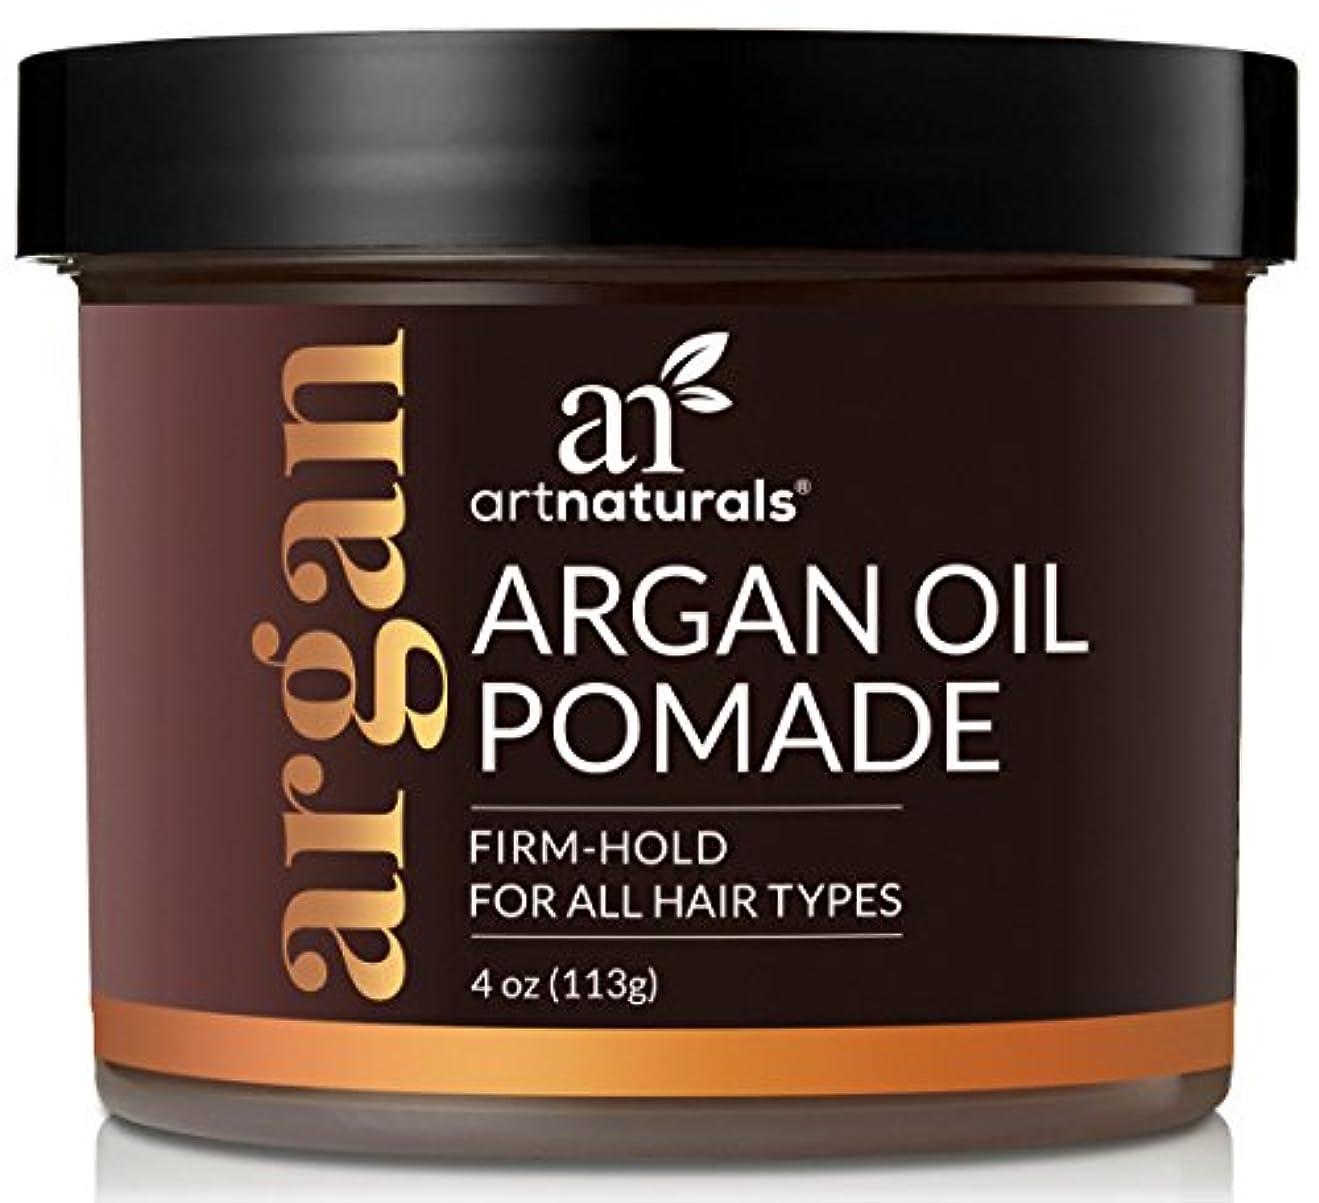 コミットメント収縮要件ArtNaturals Professional Argan Oil Pomade - (4 Oz / 113g) - Strong Hold for All Hair Types – Natural Hair Styling...